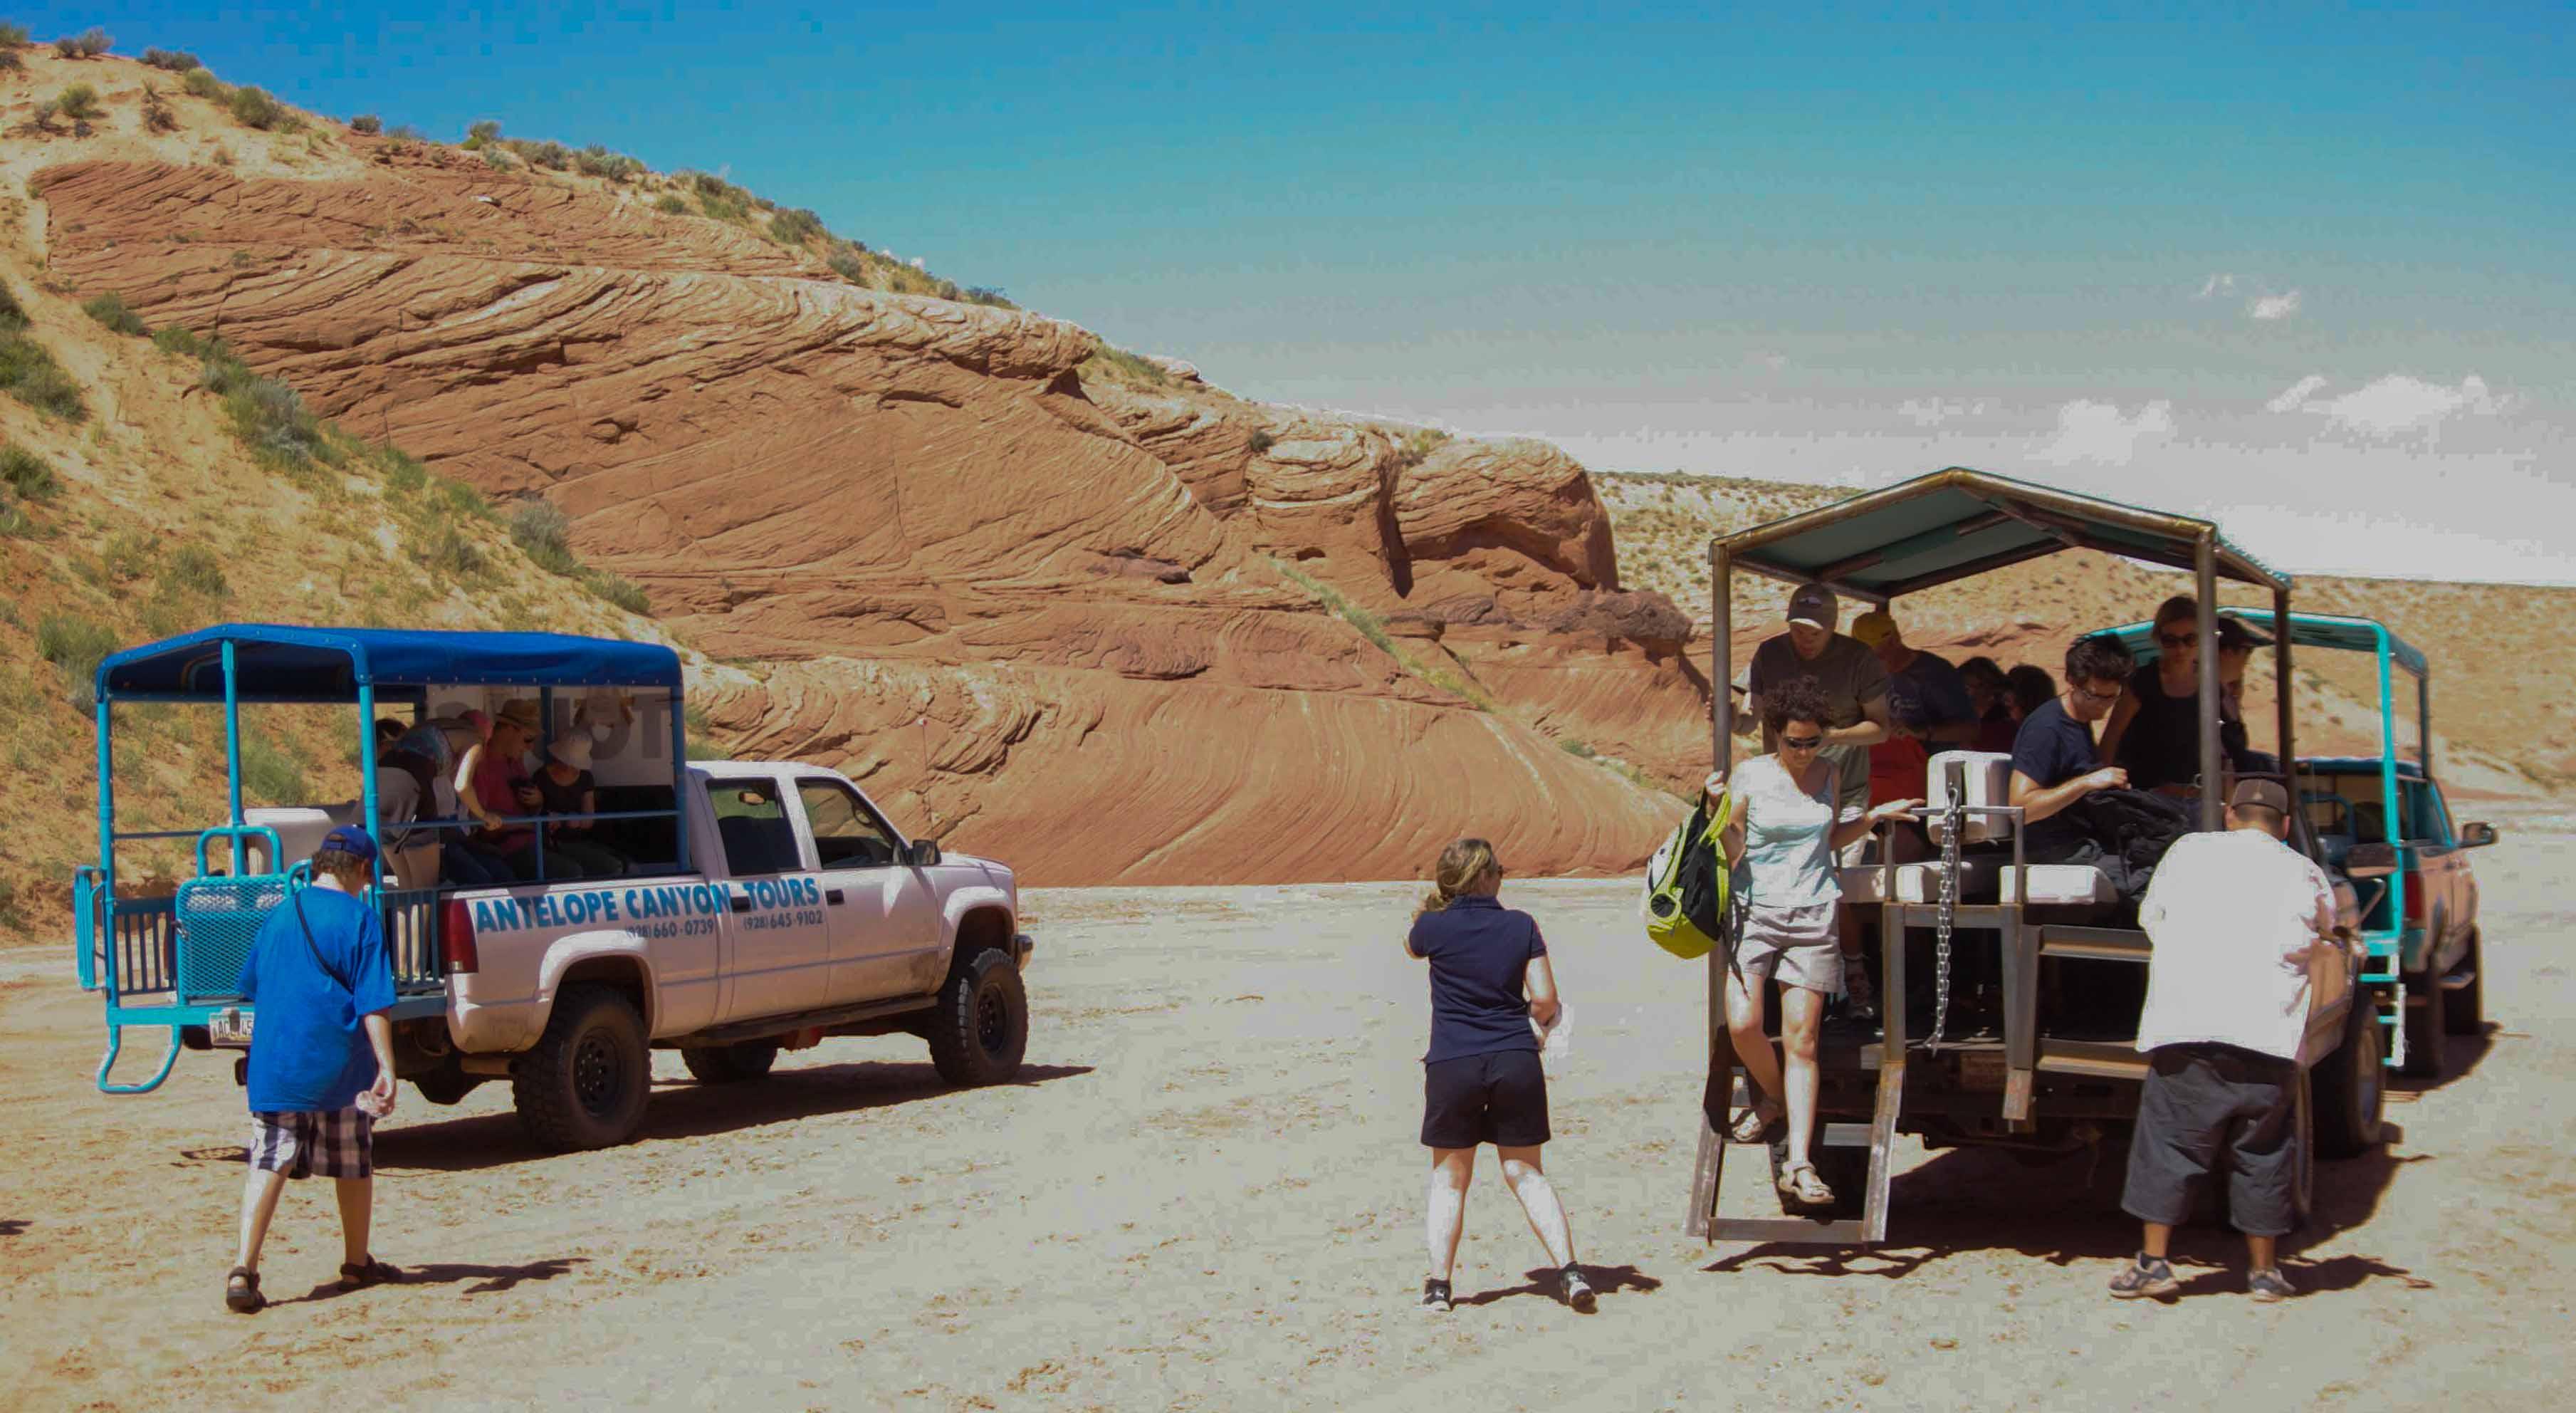 Fahrt durch das Flussbett: Auf der Pritsche kleiner Trucks werden die Touristen zum Antelope-Canyon bei der Kleinstadt Page in Arizona gebracht.